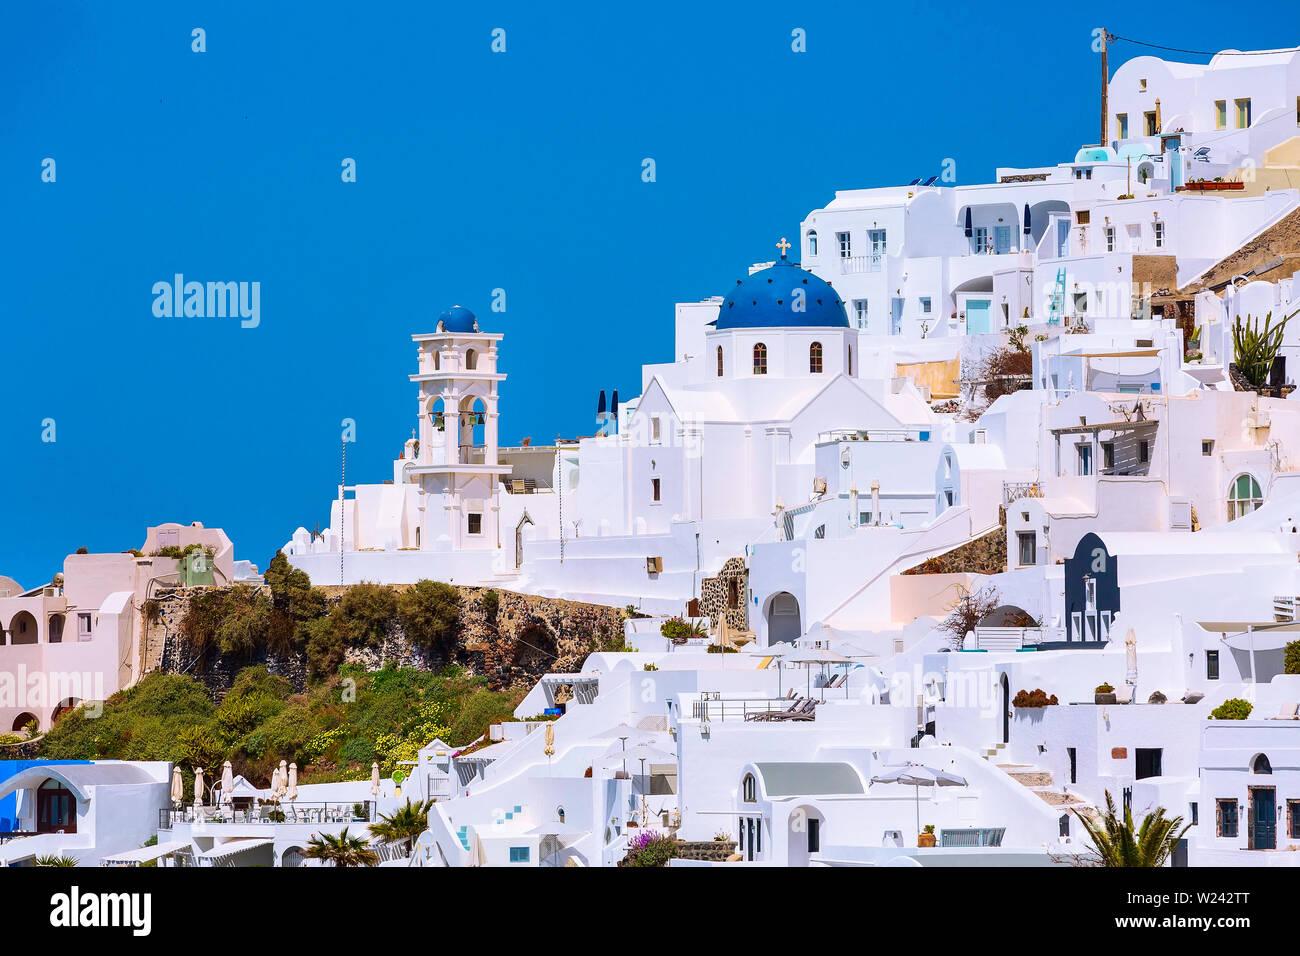 L'île de Santorin, Grèce, maisons blanches village vue panoramique avec blue dome et clocher de l'église Banque D'Images